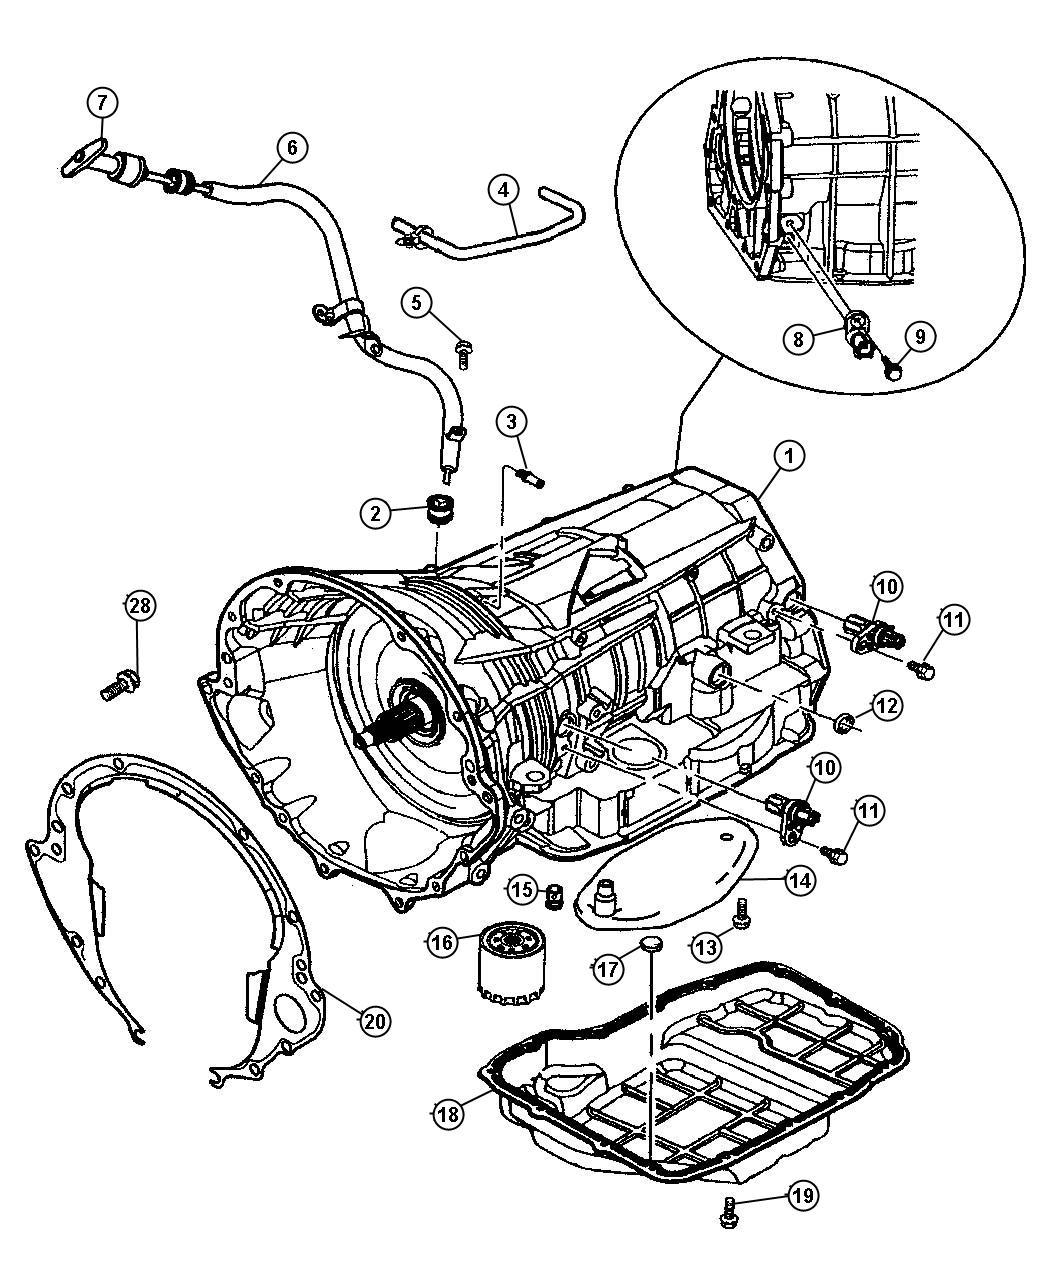 2010 Chrysler 300 Tube. Transmission oil filler. Related